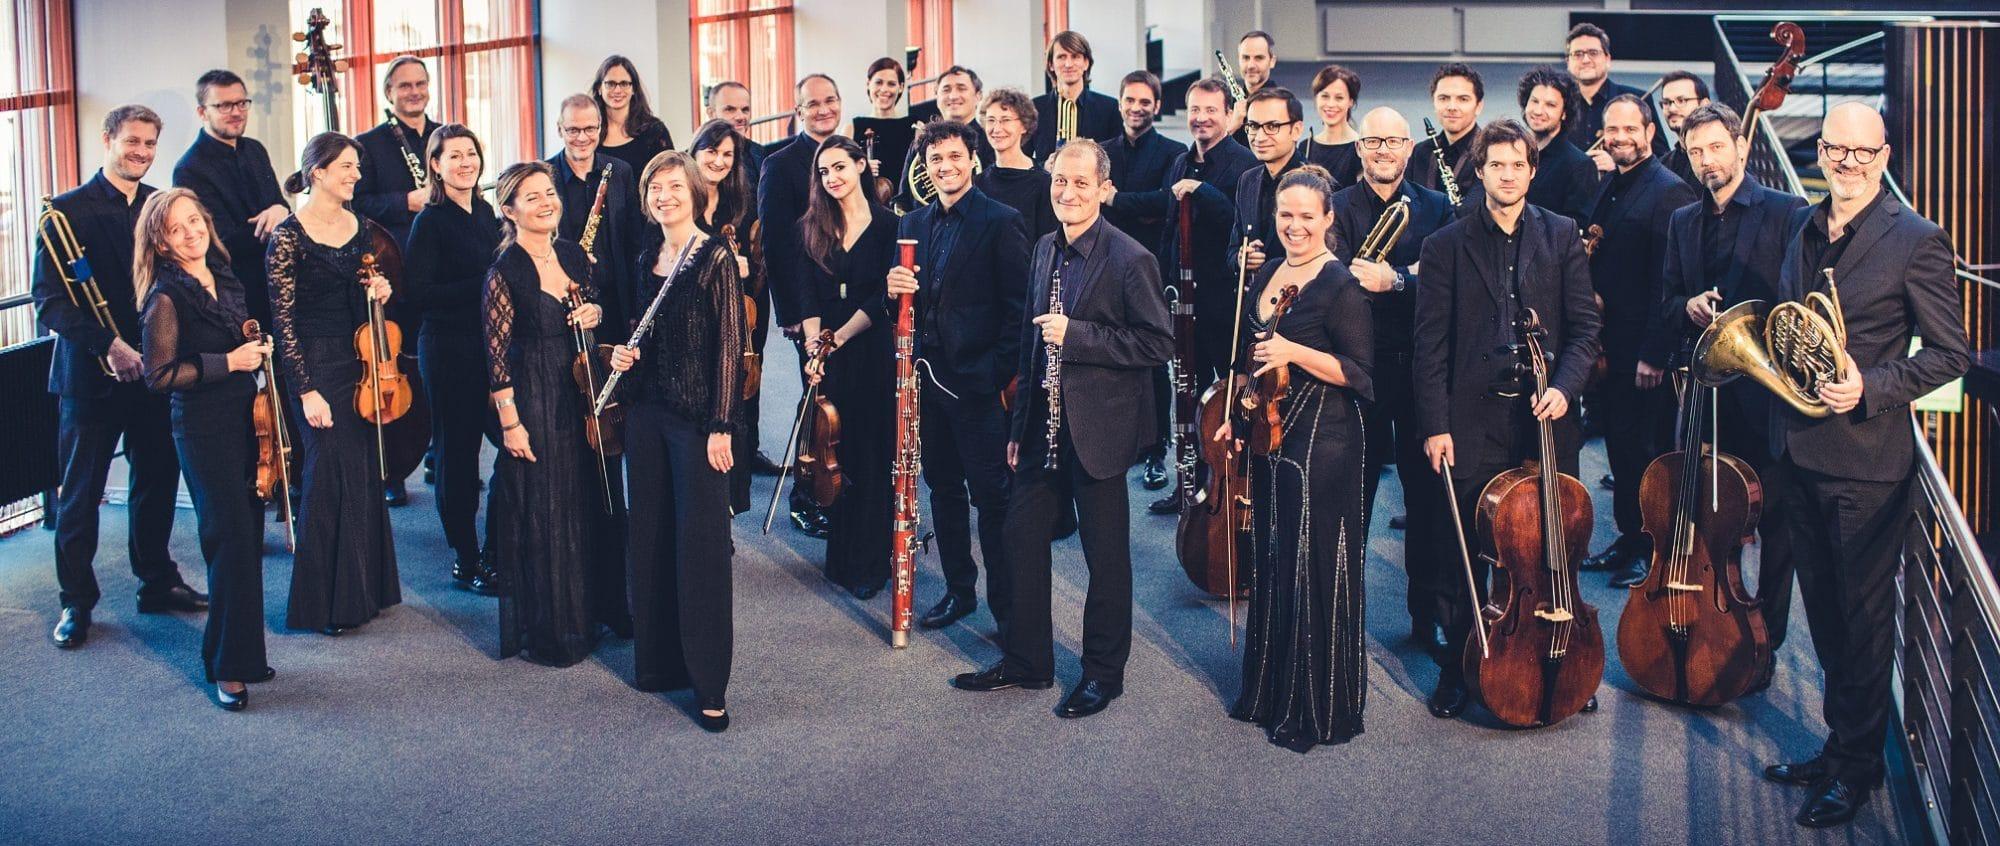 Kammerorchester Basel_c_Lukasz Rajchert